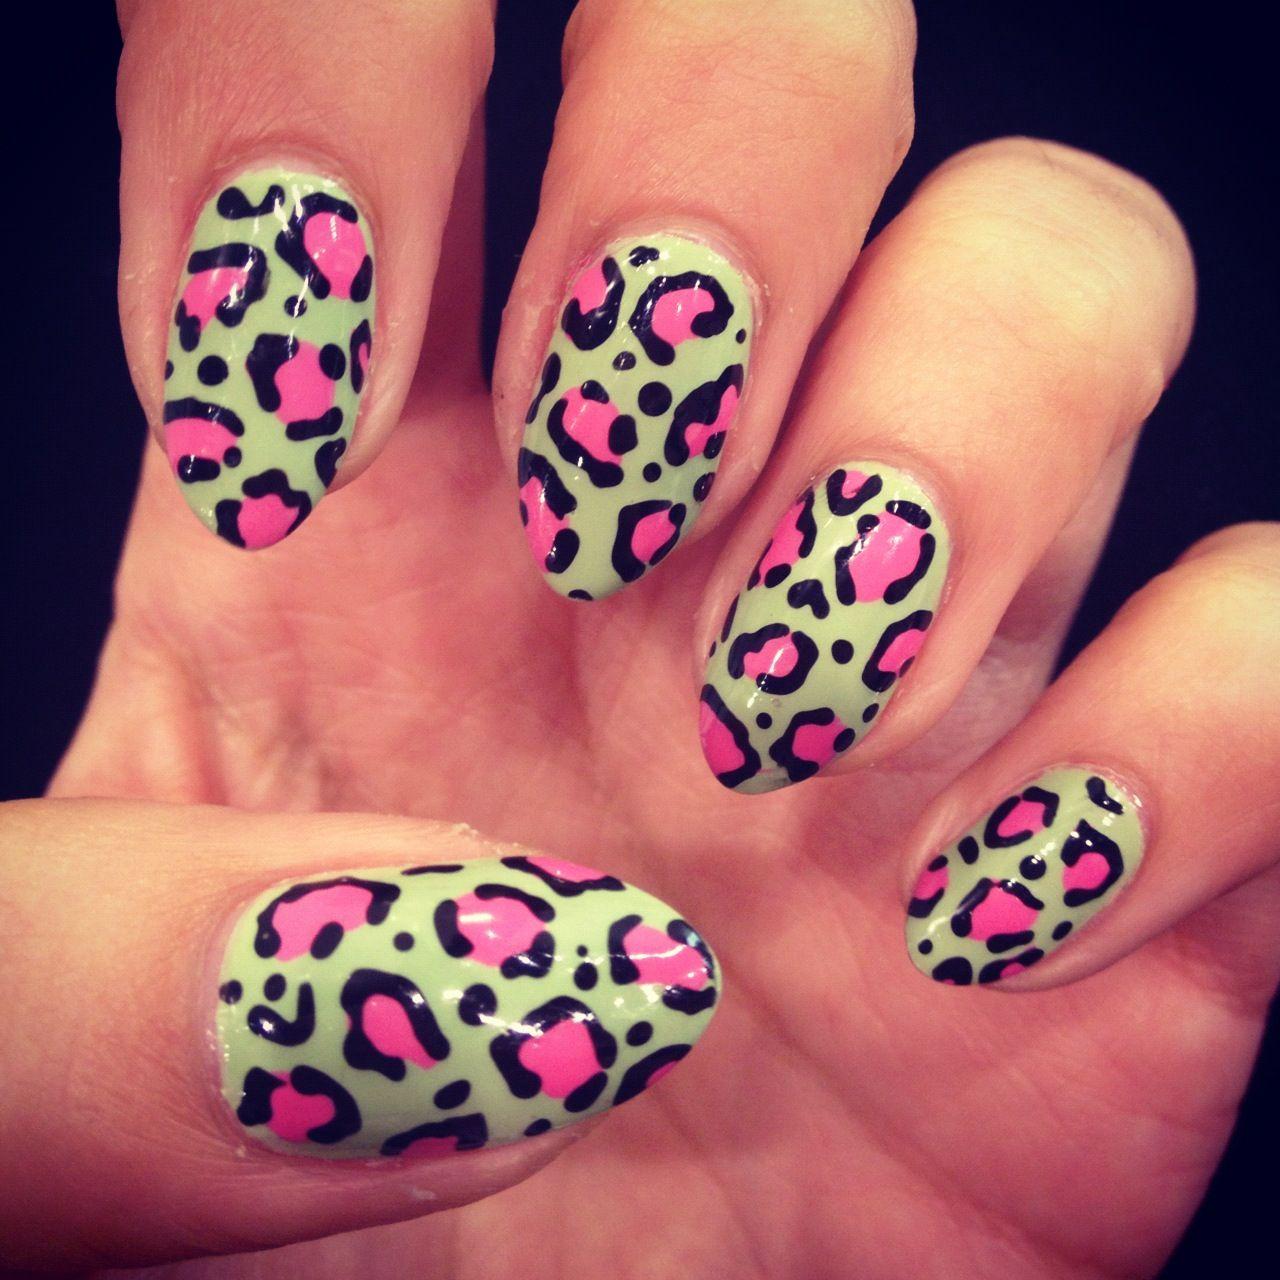 nails/tumblr - Google-Suche | Nails ❤ | Pinterest | Nails, Suche ...